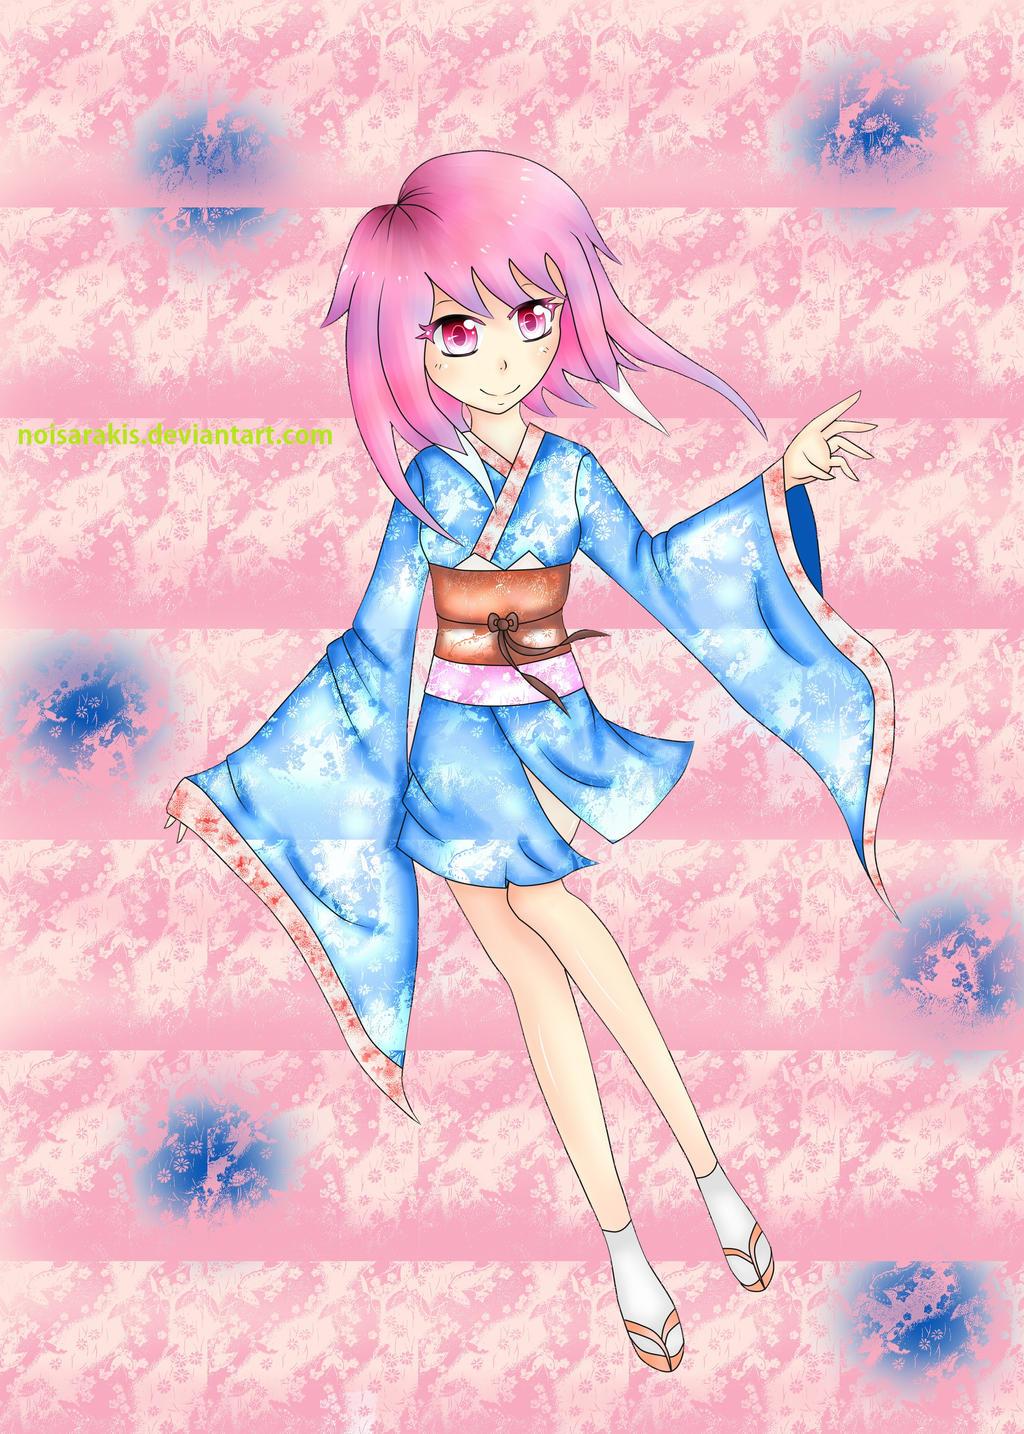 Ciela Arakis Kimono by NoisArakis